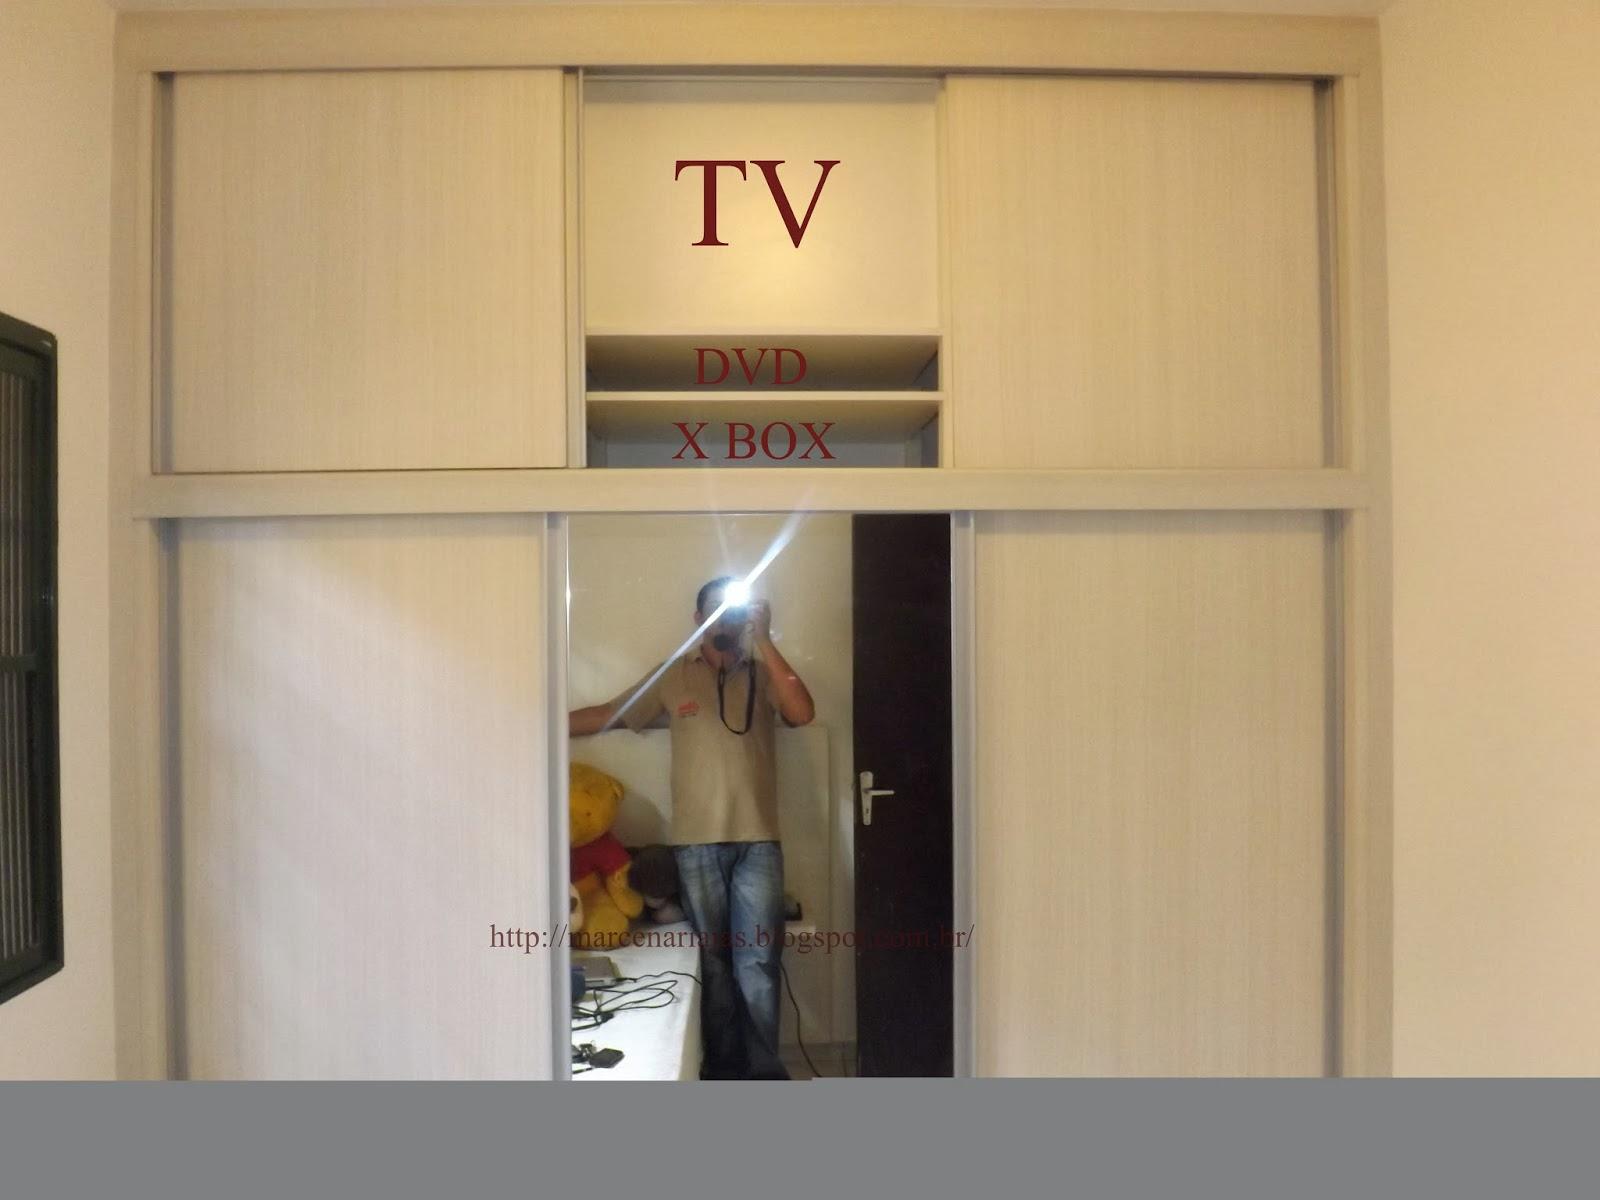 Marcenaria j a s armario 3 portas de correr com tv - Armario de la tv ...